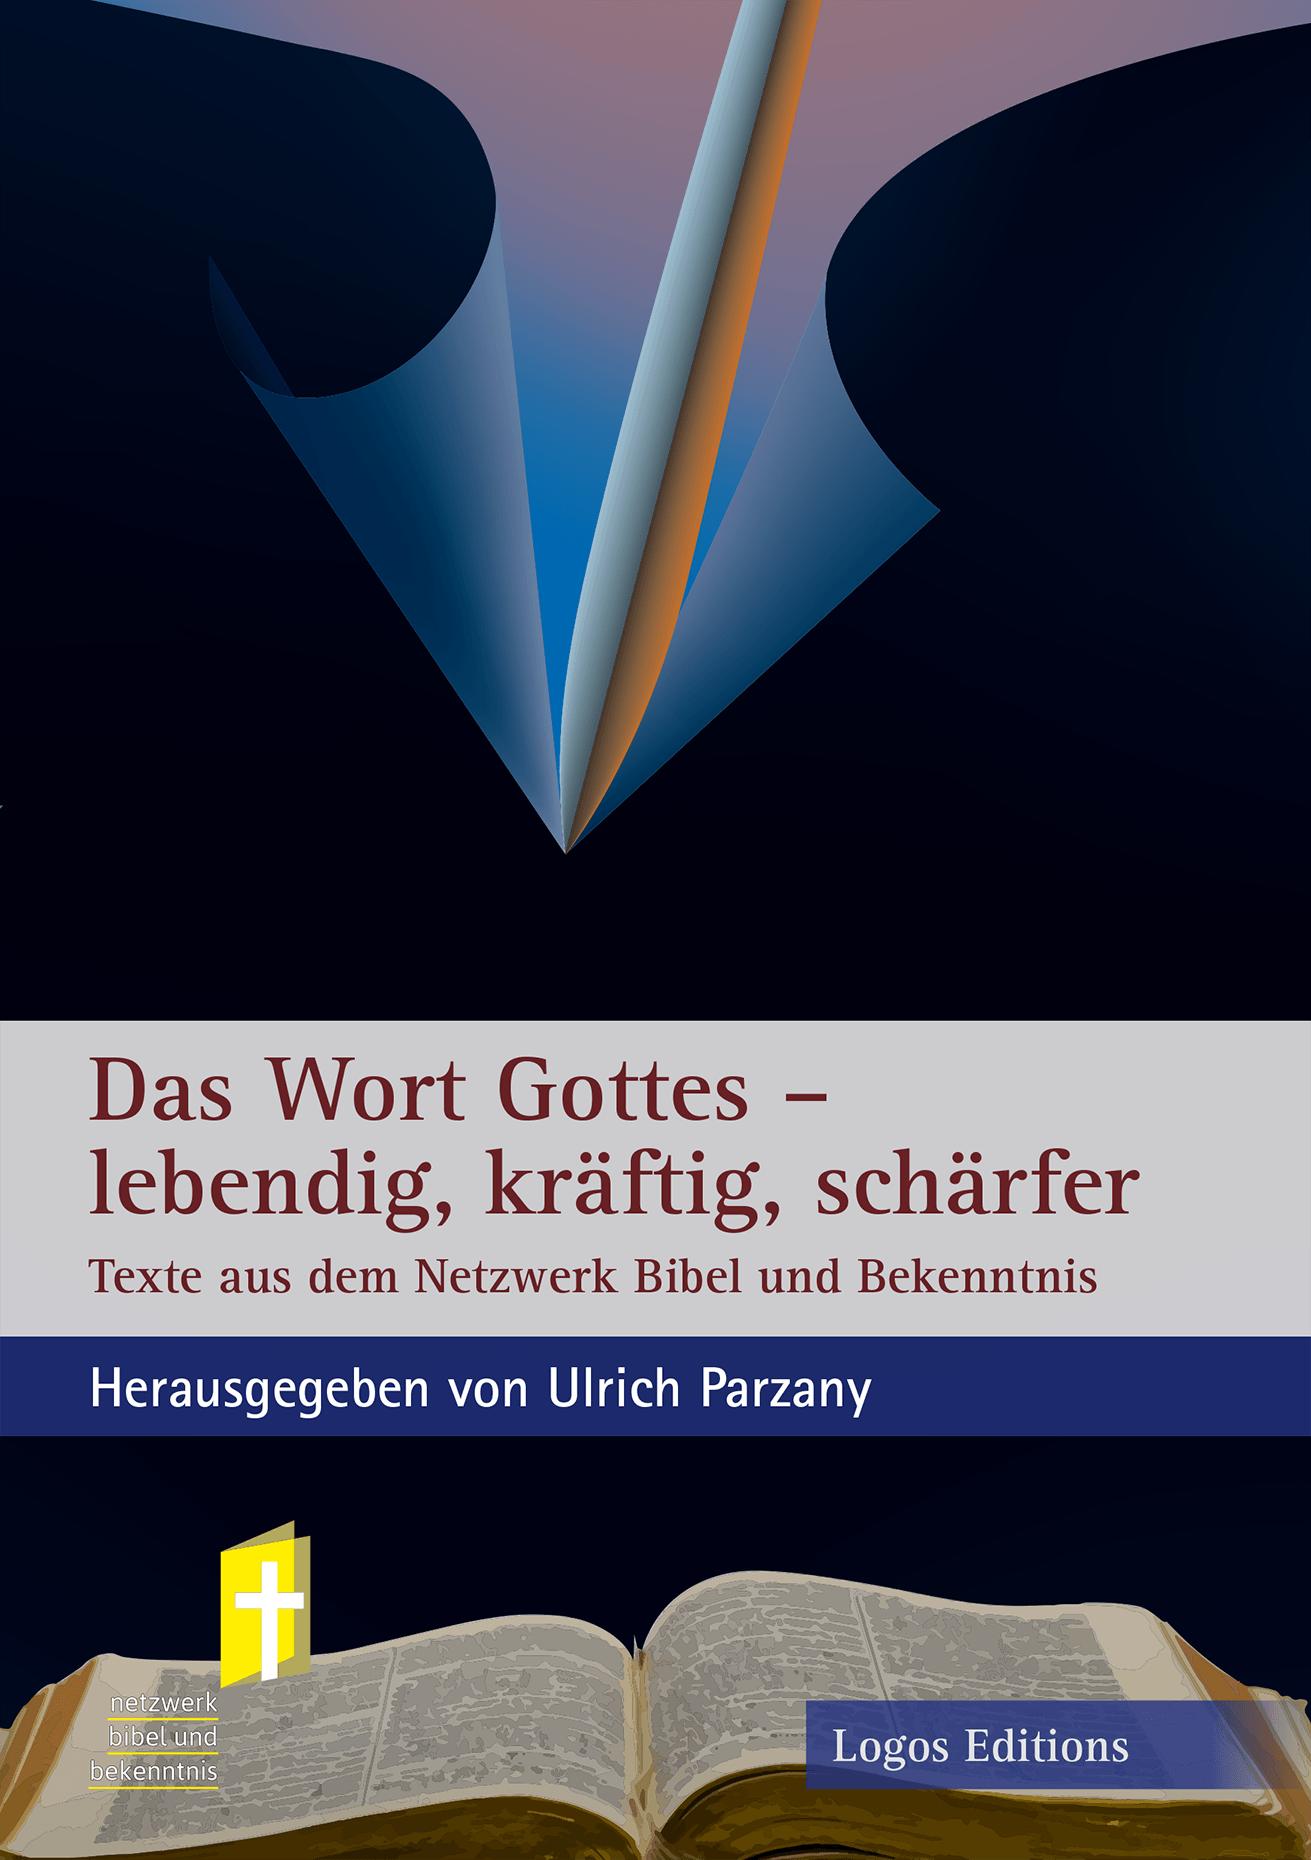 Das Wort Gottes – lebendig, kräftig, schärfer, Herausgegeben von Ulrich Parzany